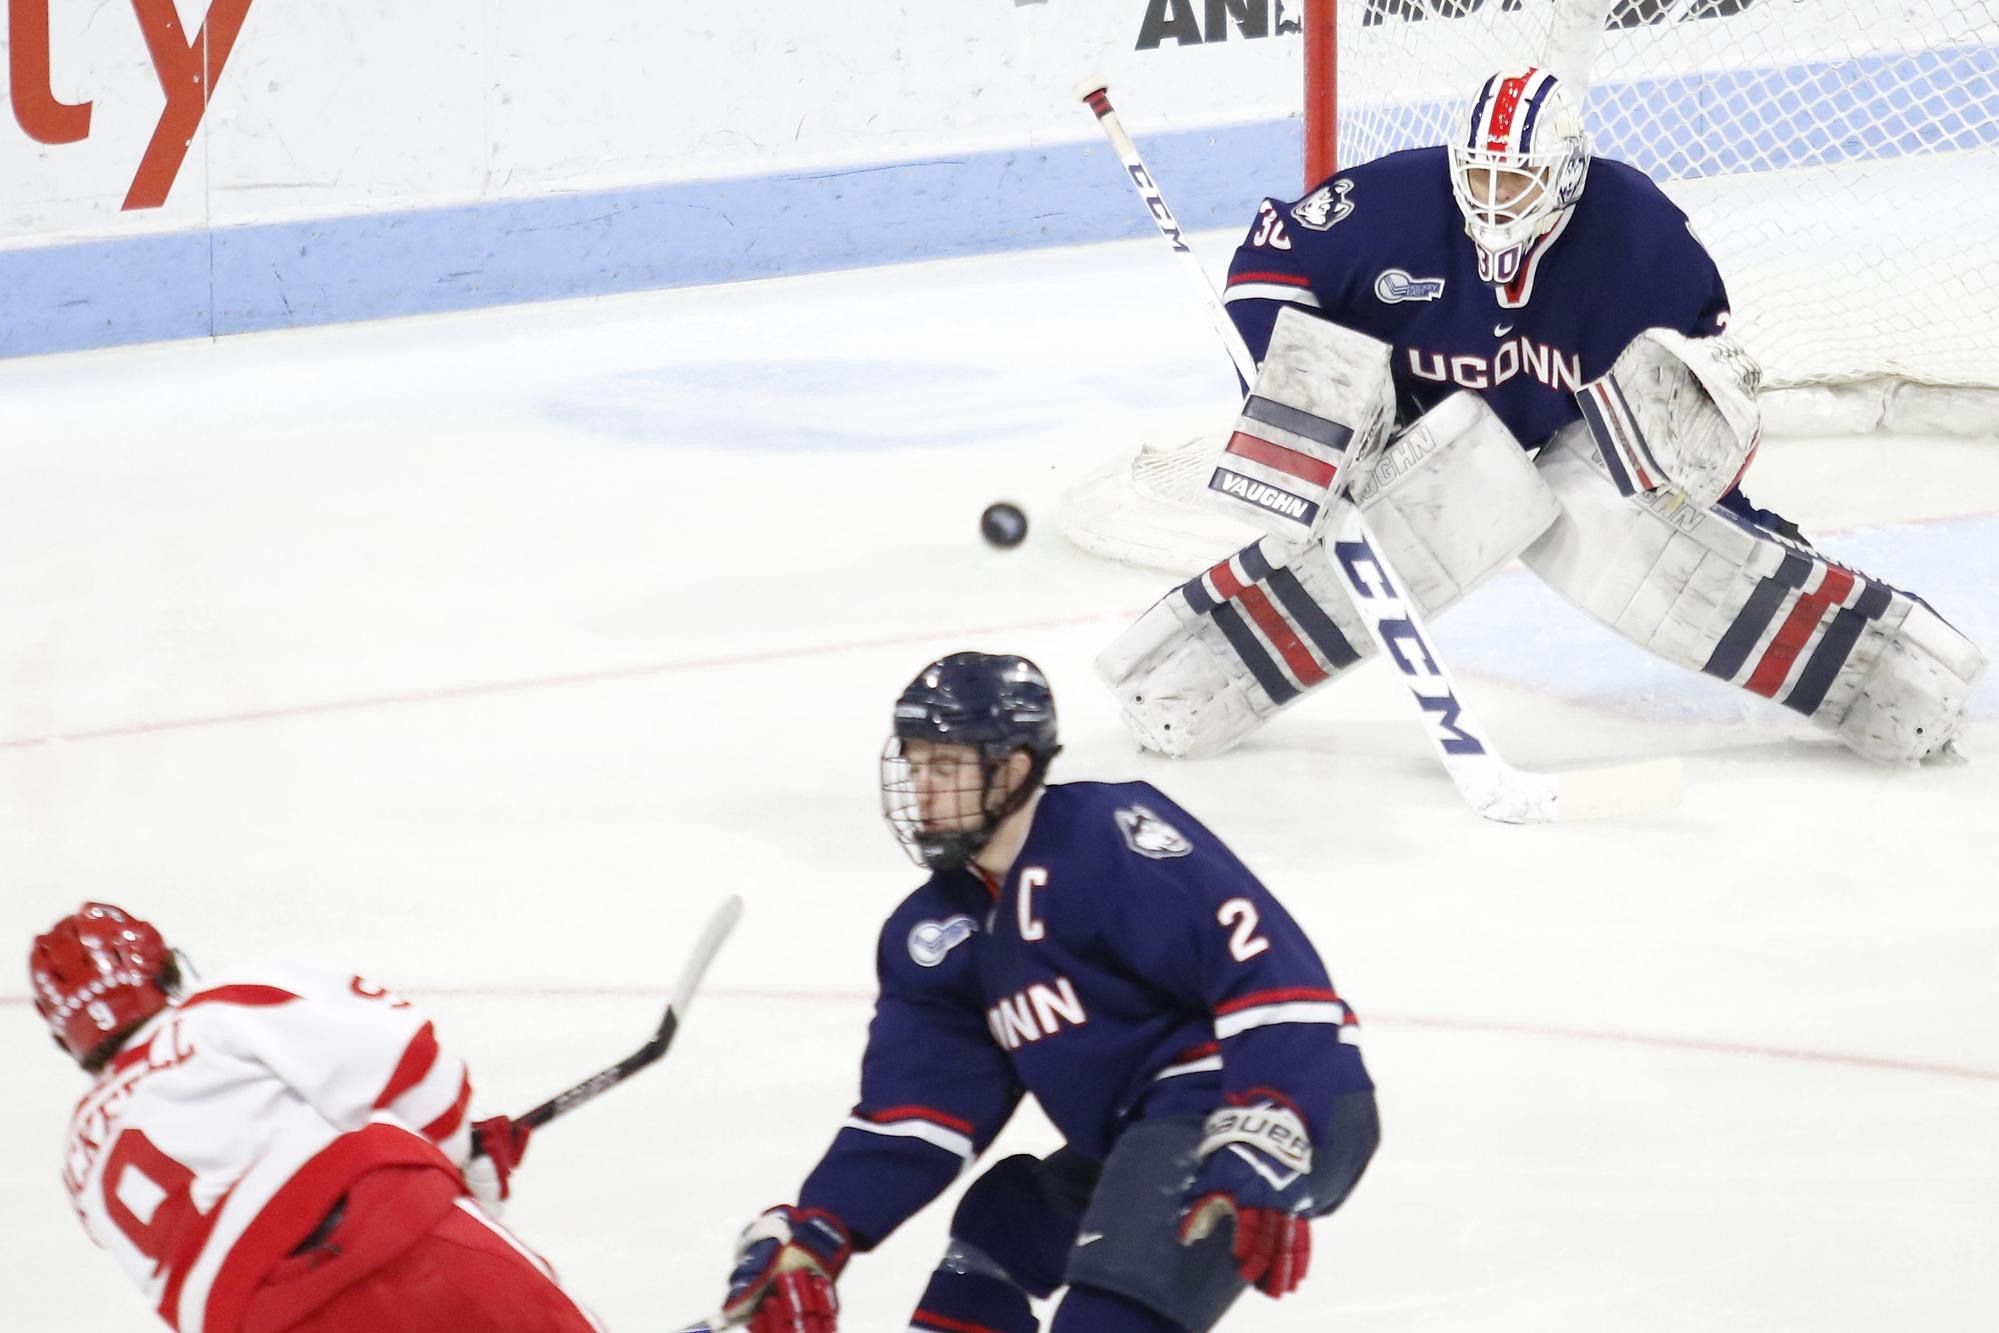 UConn Huskies @ BU Terriers (Hockey East Quarterfinals Game